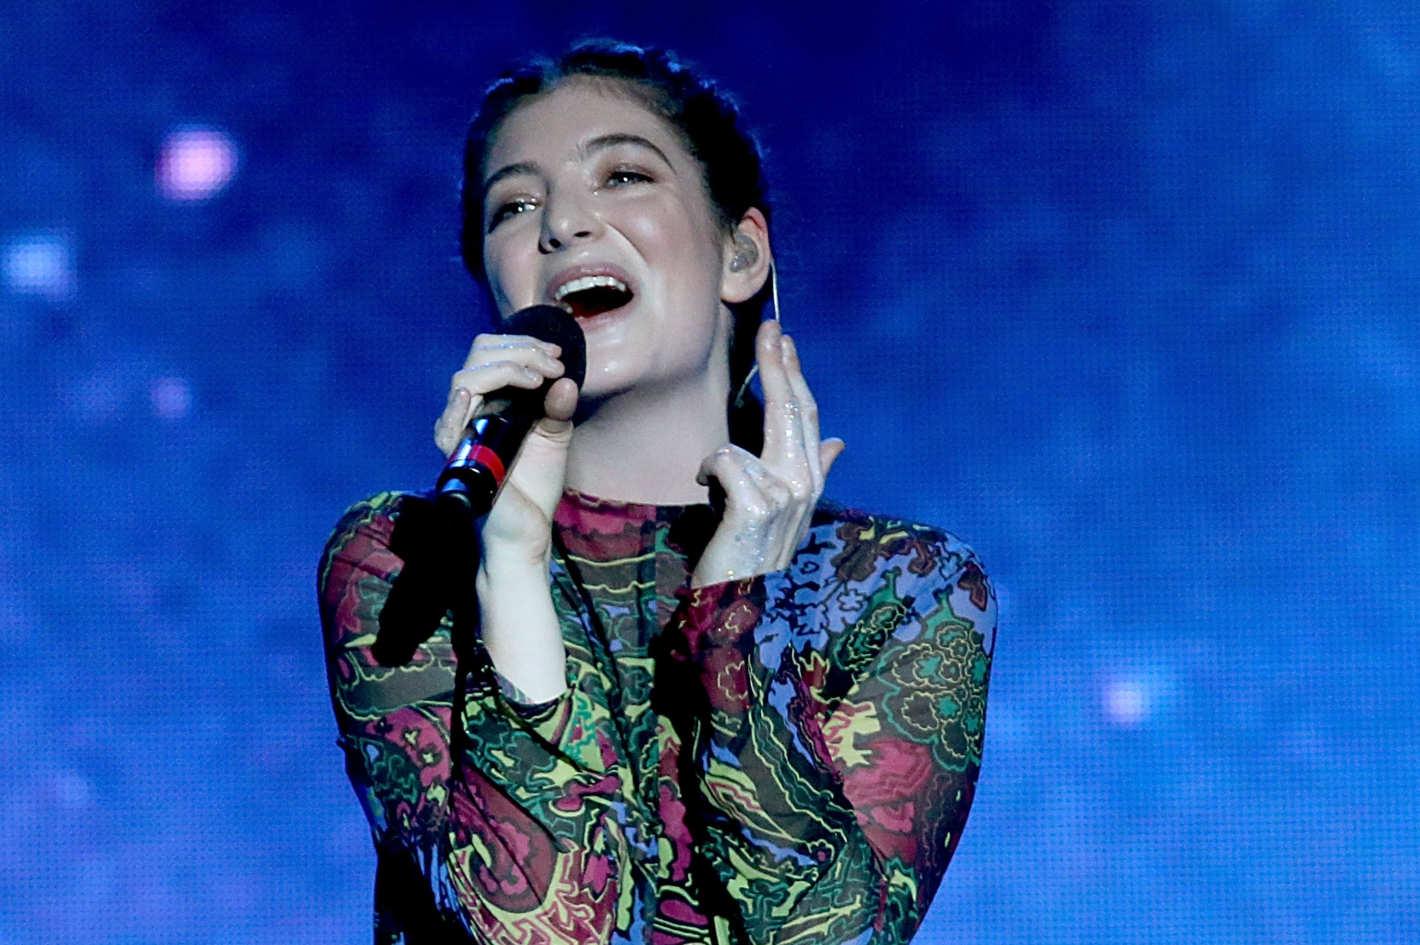 Lorde\u0027s \u0027Supercut\u0027 is Melodrama\u0027s Best Song